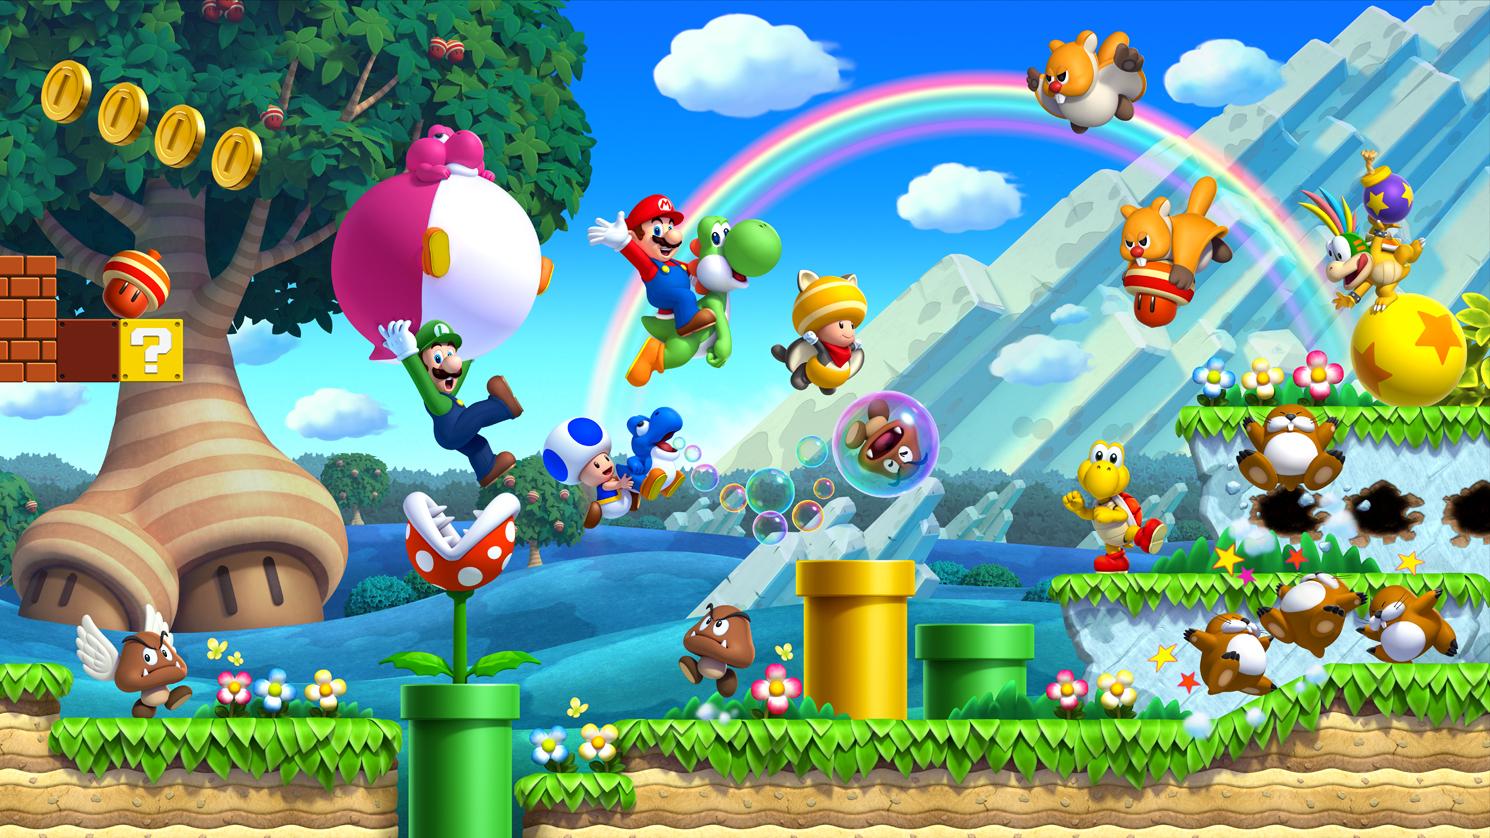 http://3.bp.blogspot.com/-X4TCdd70I3A/ULeW2vtPcFI/AAAAAAAAMXY/2dFT0GHRm9U/s1600/New-Super-Mario-Bros-U.jpg